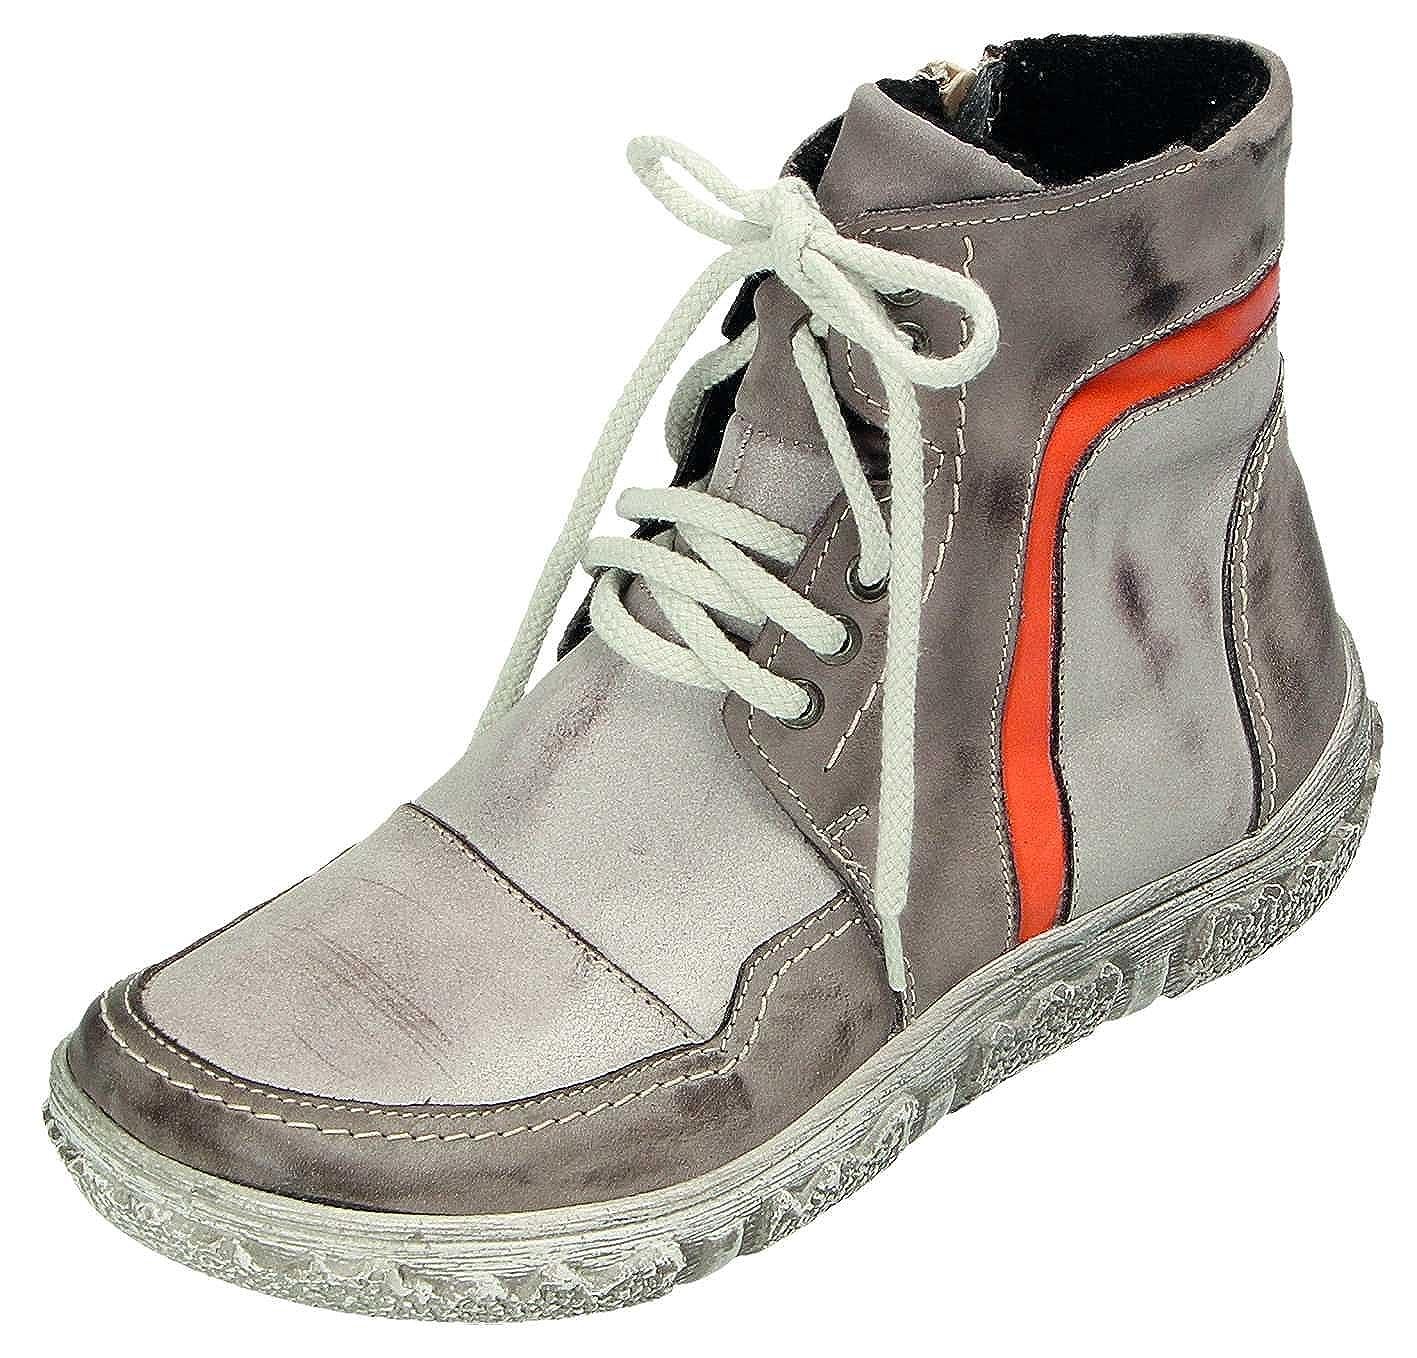 MICCOS grau/komb. Schuhes Stiefel D.RV-Stiefel grau/komb. MICCOS f6f932